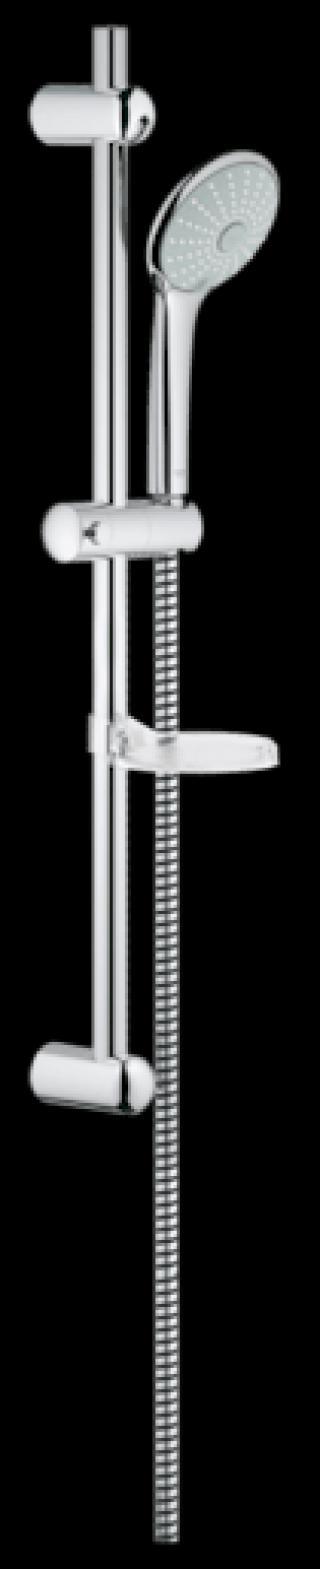 Sprchový set Grohe Euphoria s poličkou chrom 27231001 chrom chrom